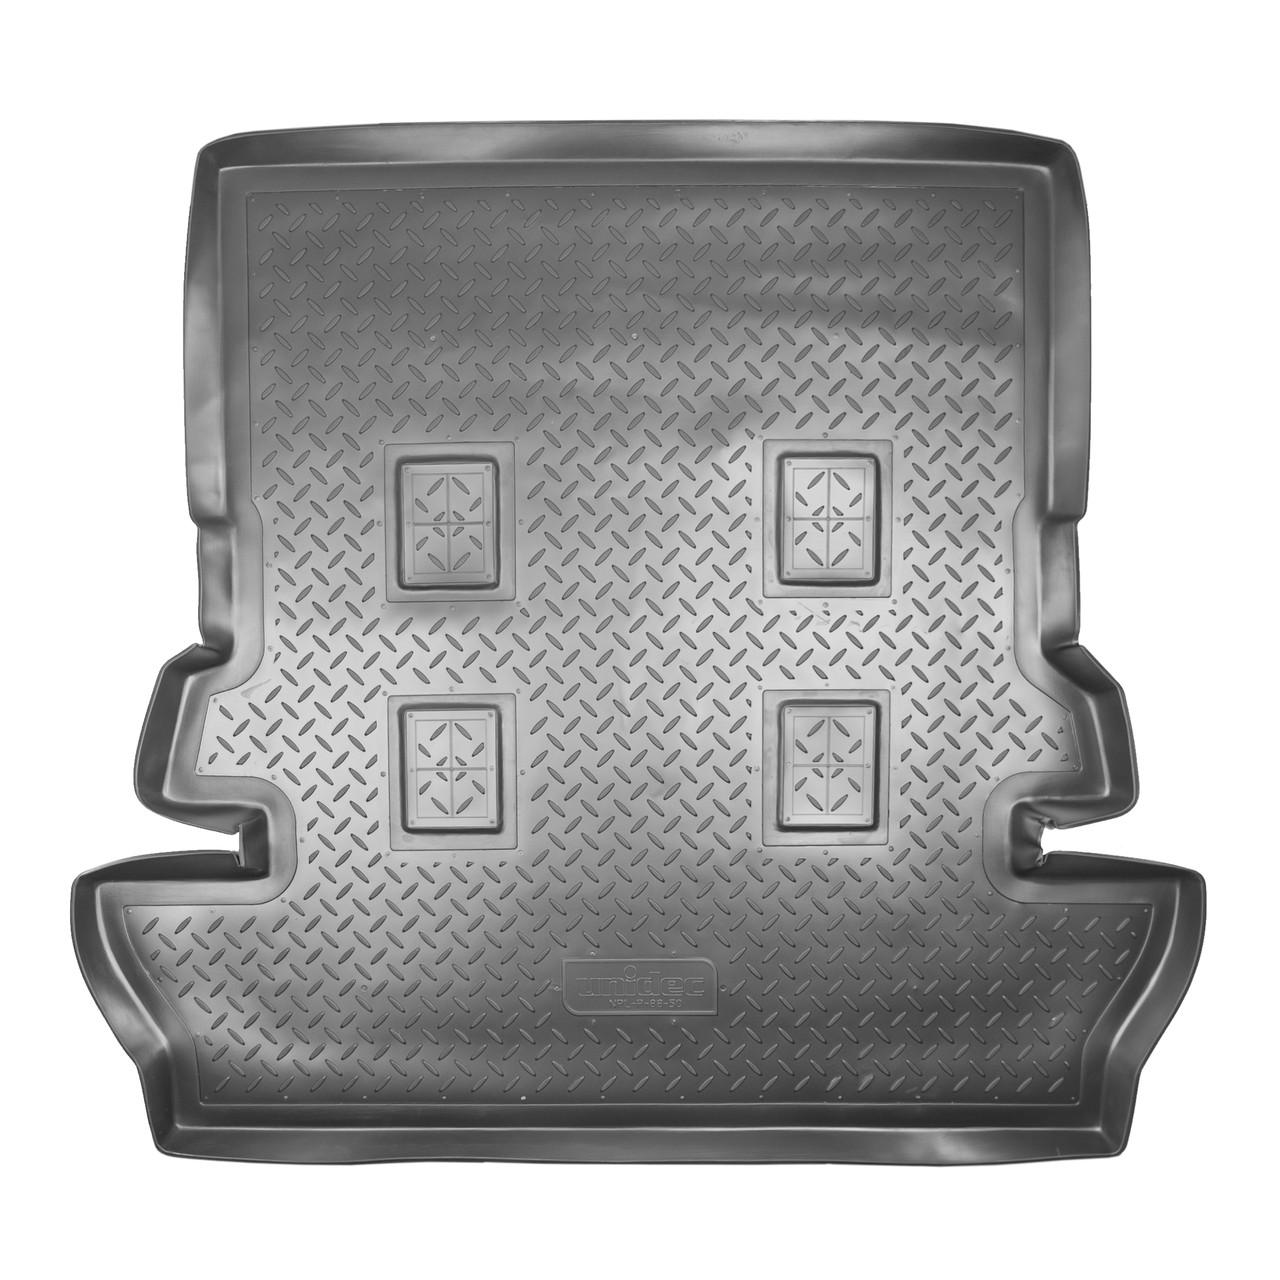 Коврик в багажник Toyota Land Cruiser 200 7 мест (2007-2011)